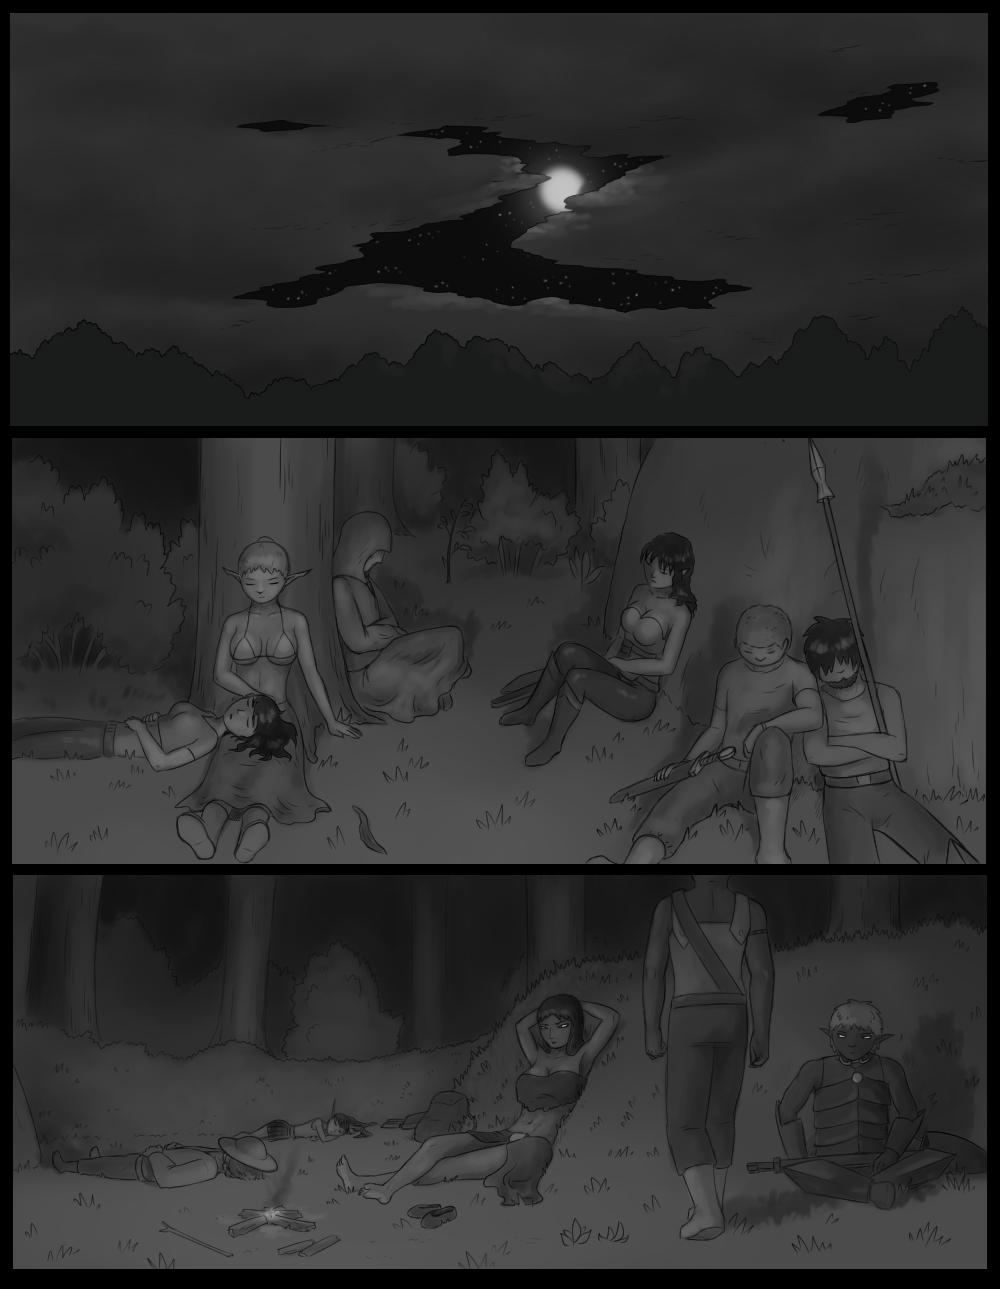 Page 124 - a Proper Rest